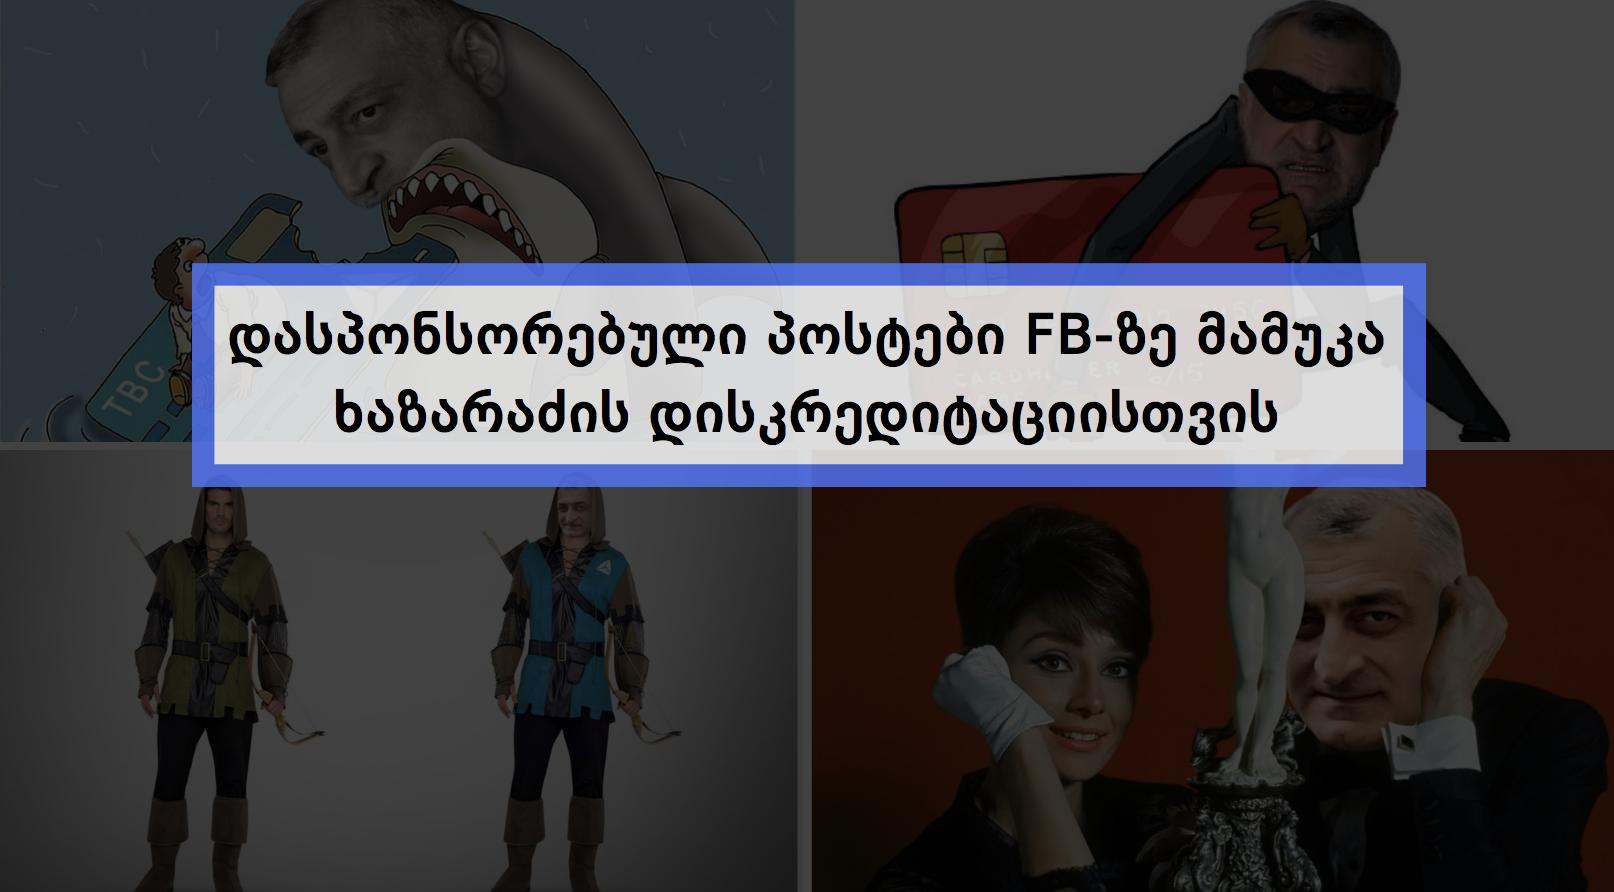 დასპონსორებული პოსტები FB-ზე მამუკა ხაზარაძის დისკრედიტაციისთვის